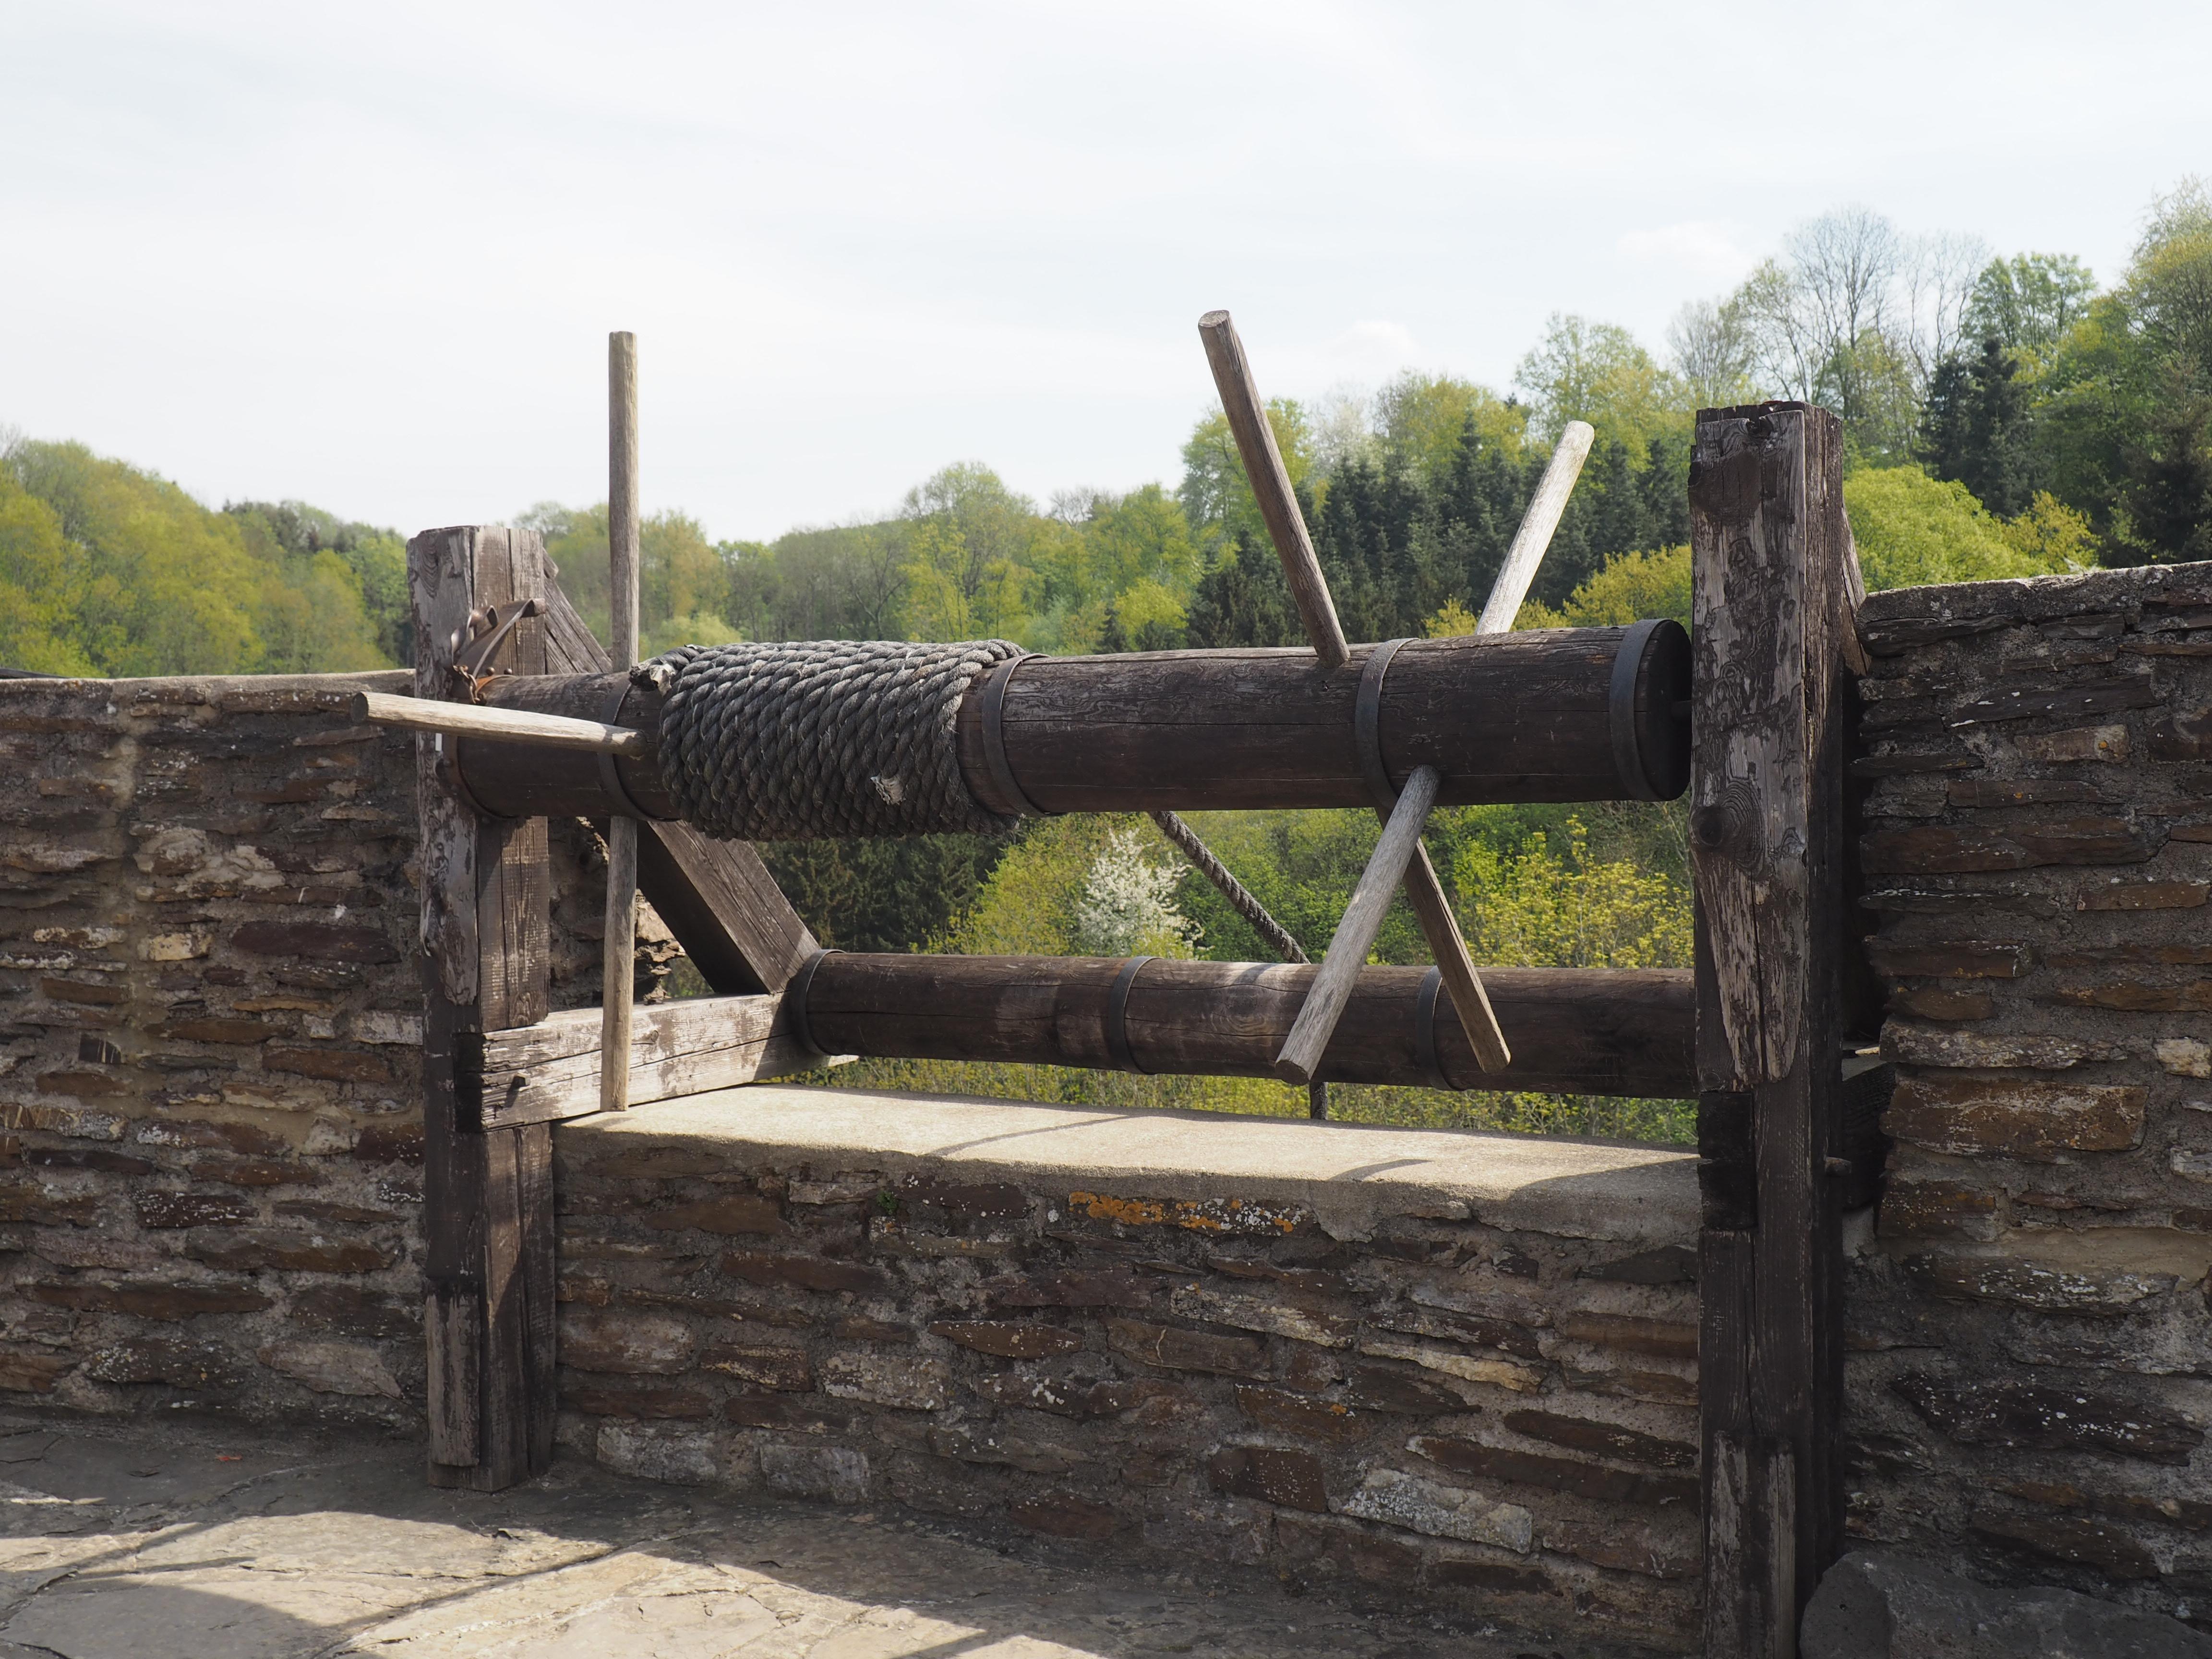 Seilwinde zum Öffnen des Gatters beim AbenteuerBurg auf der Ehrenburg bei Brodenbach an der Mosel